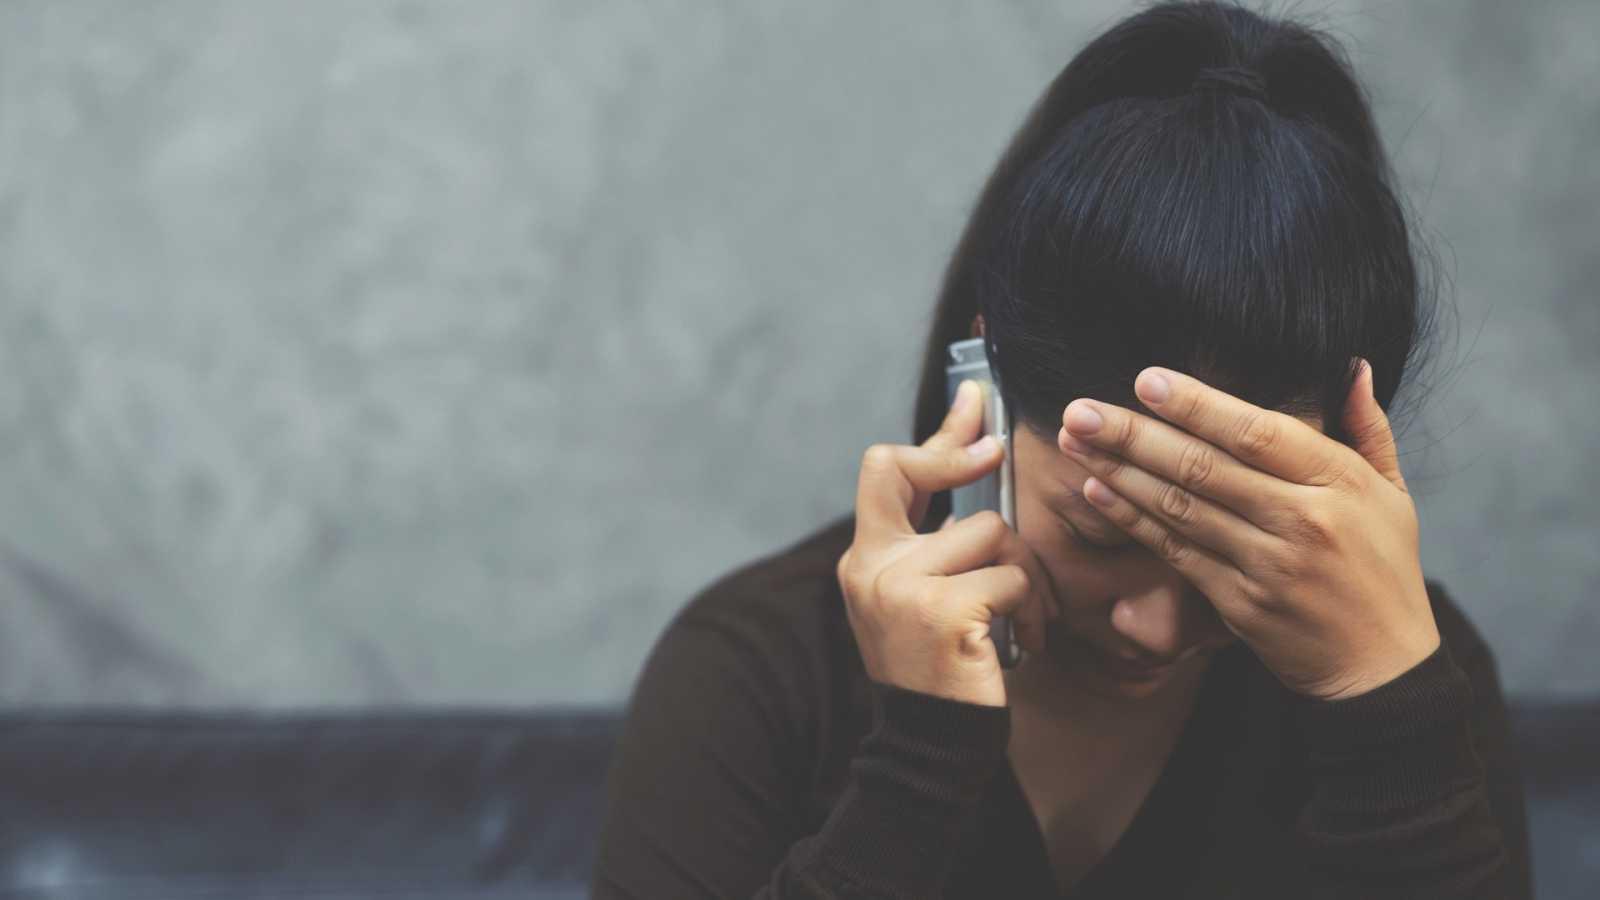 Las fuerzas de seguridad registraron más de 600.000 denuncias por violencia contra la mujer en cinco años